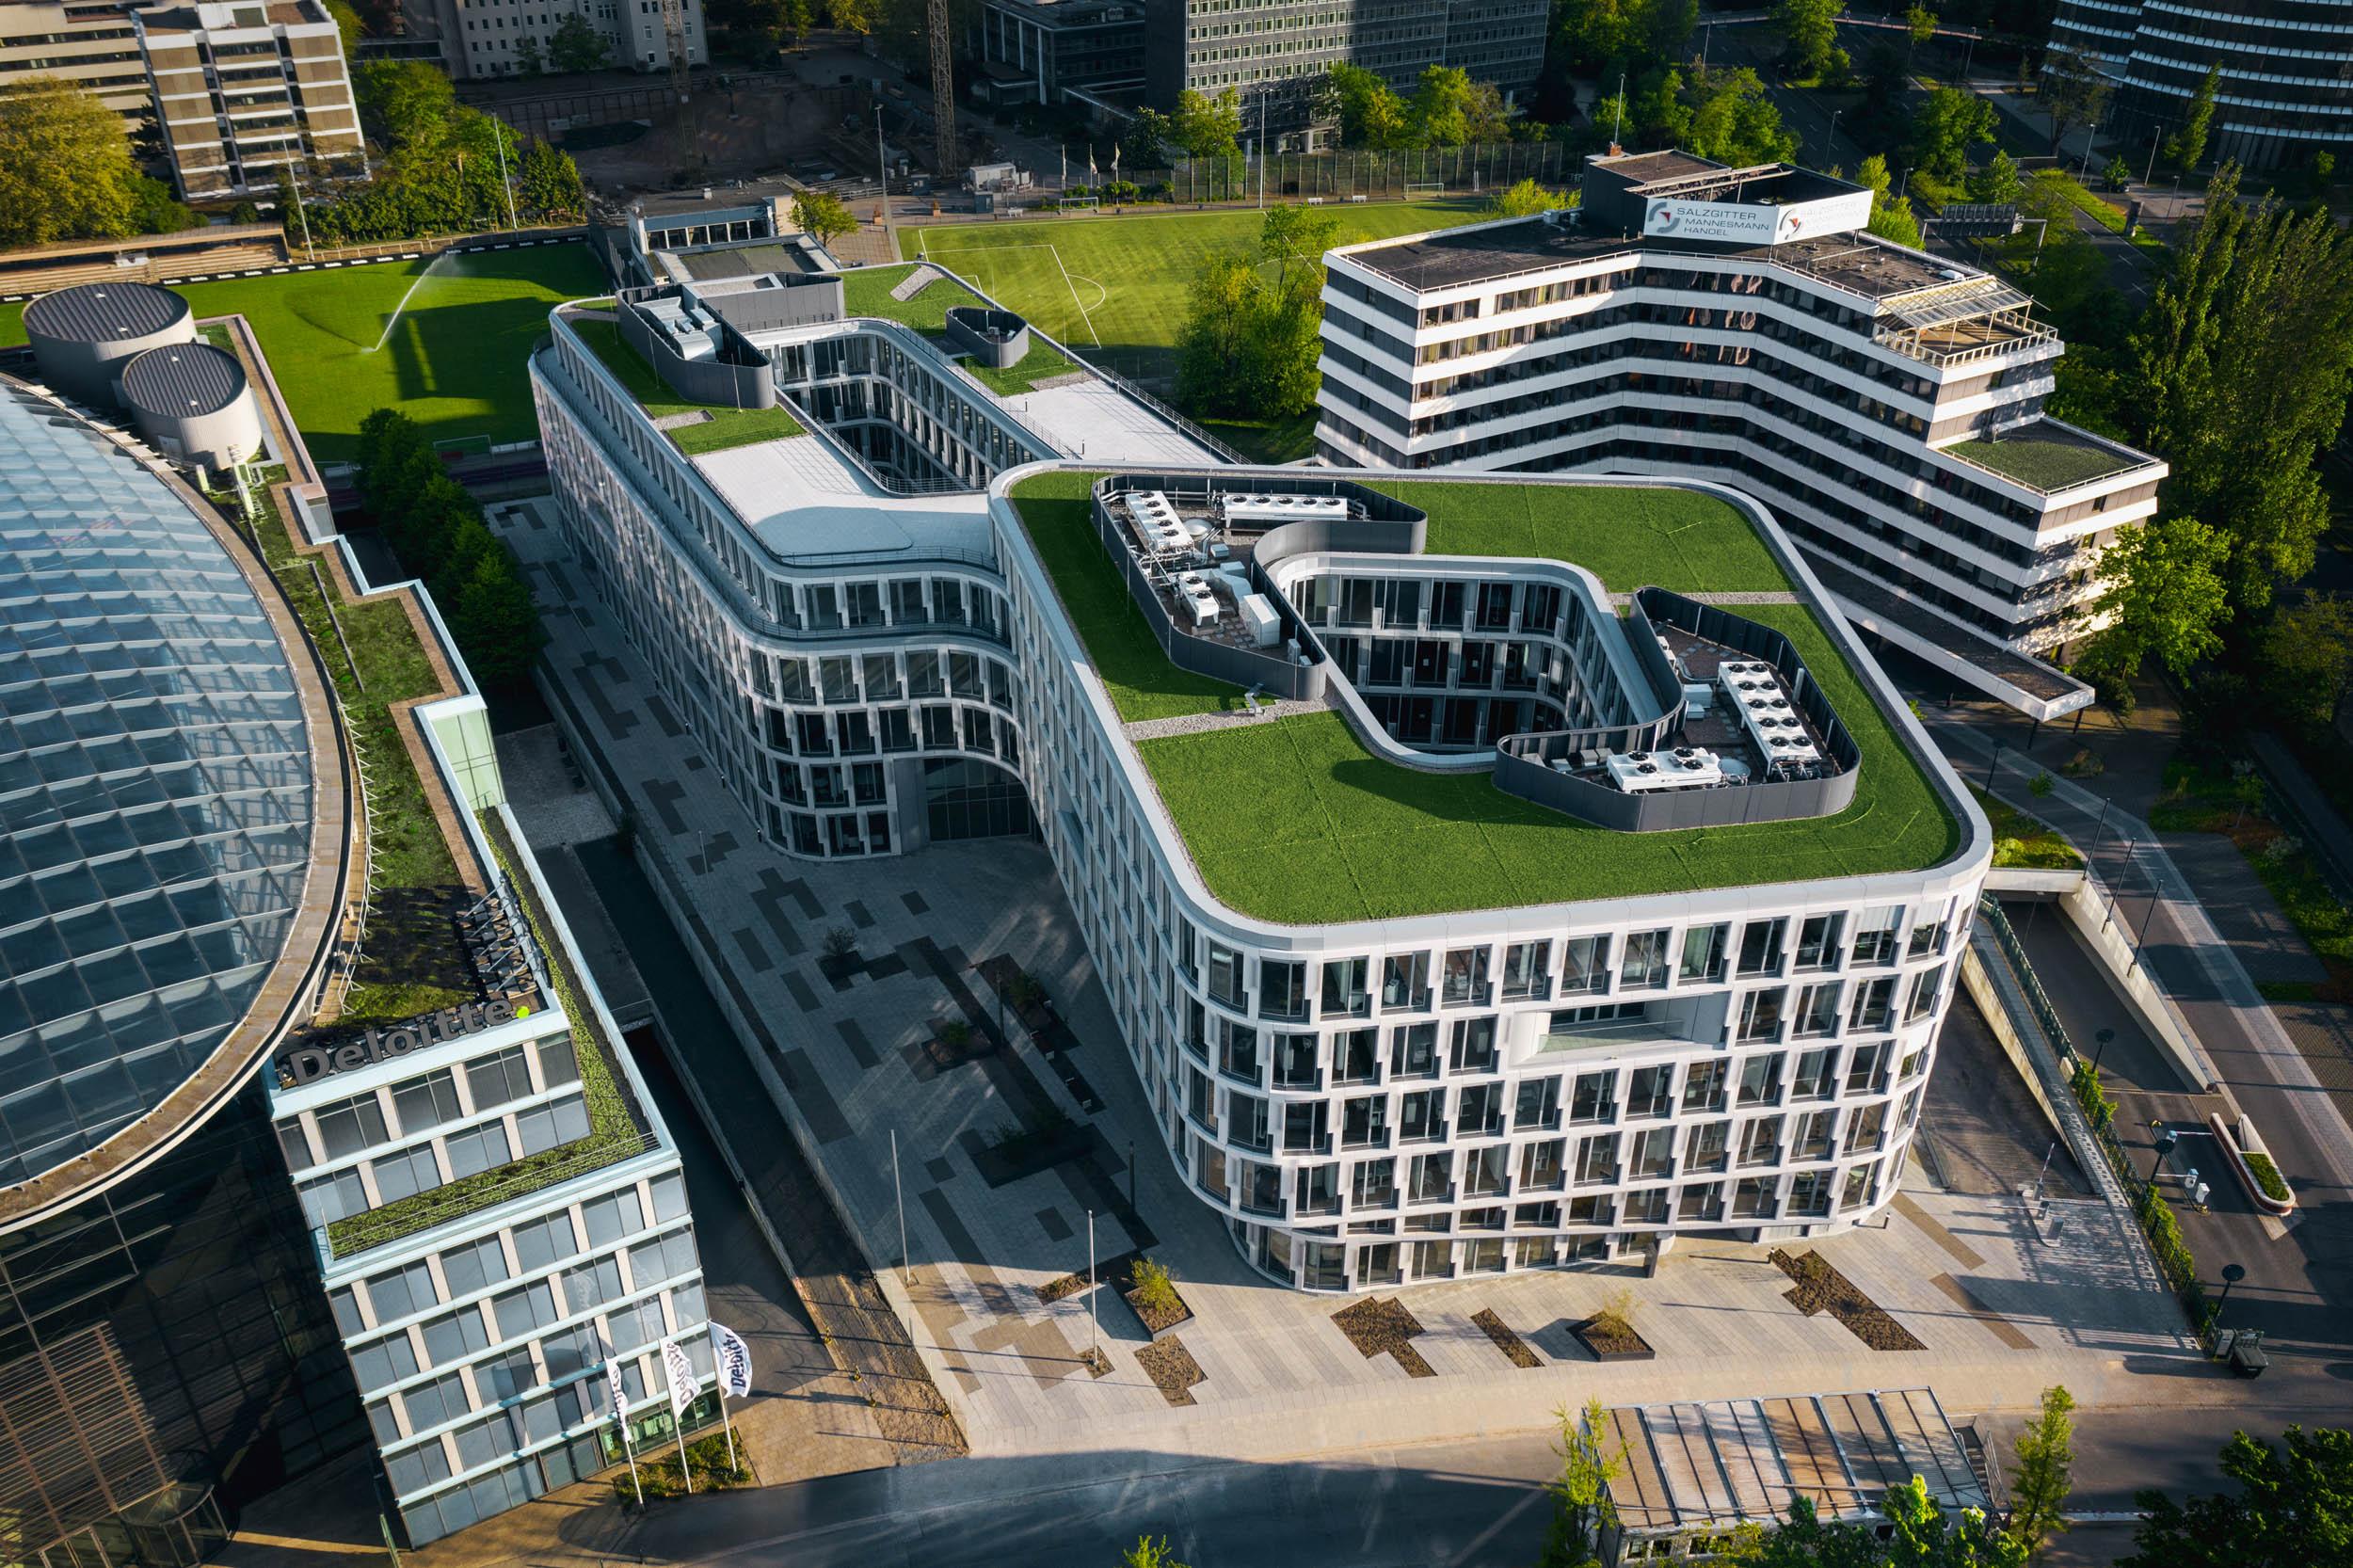 Gustav-Epple-Bauunternehmung-Infinity-Düsseldoef-Schwannstrasse-Architektur-Büro_DJI_0696